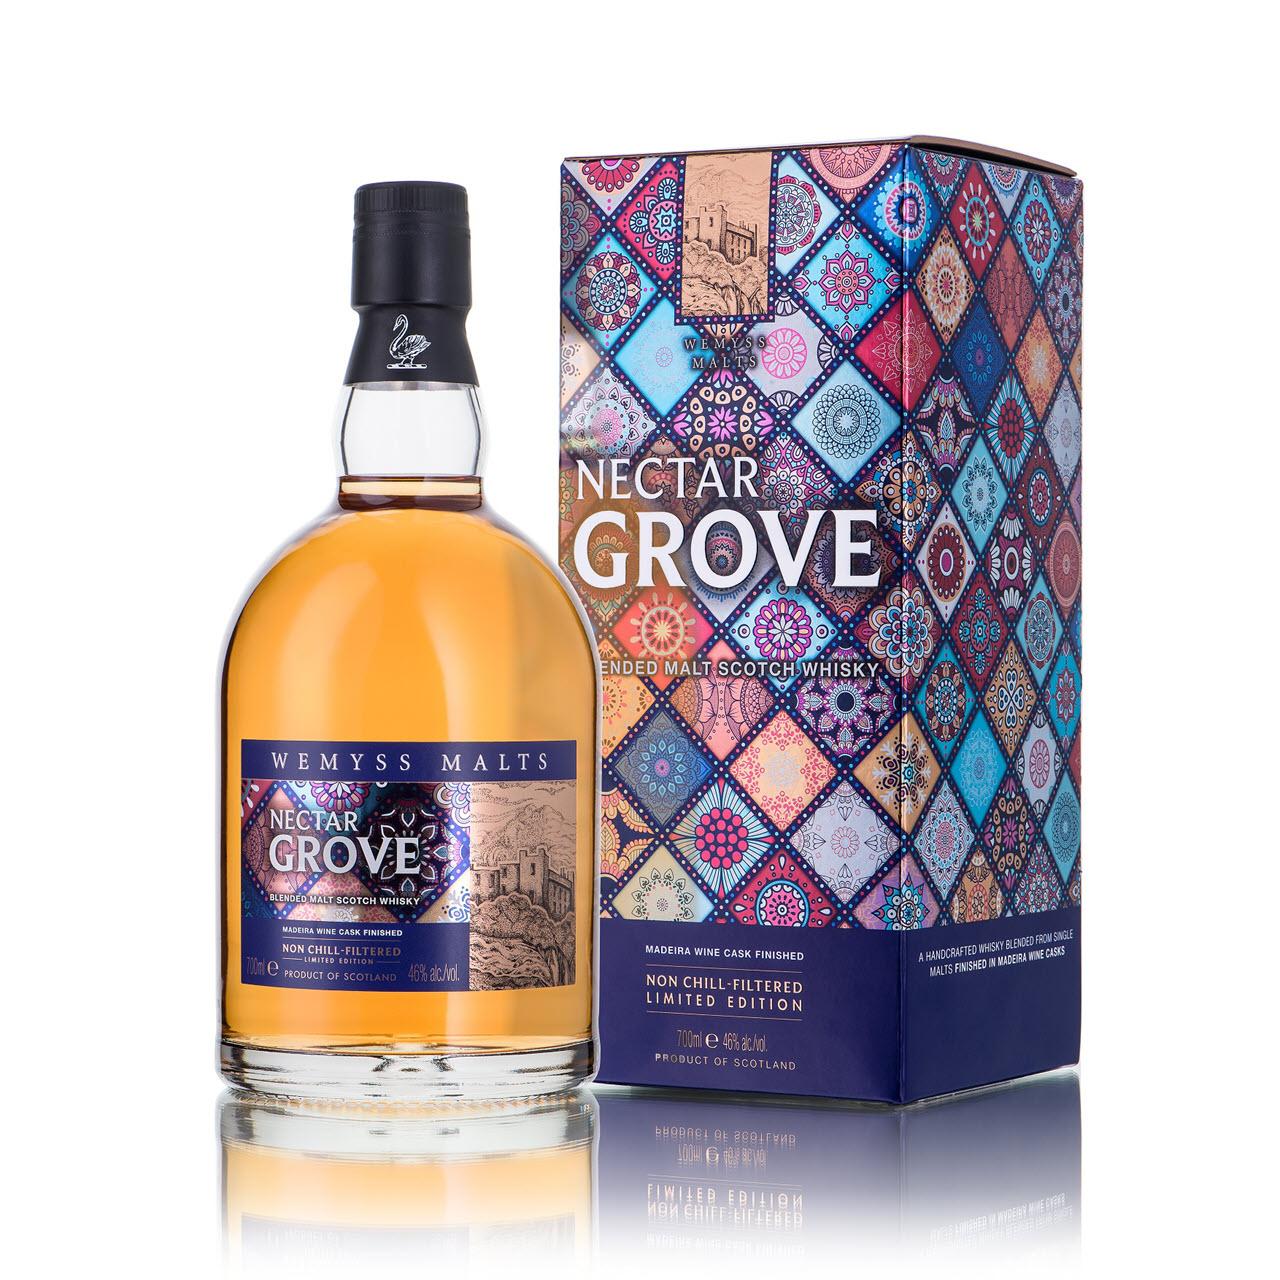 Nectar Grove Blended Malt